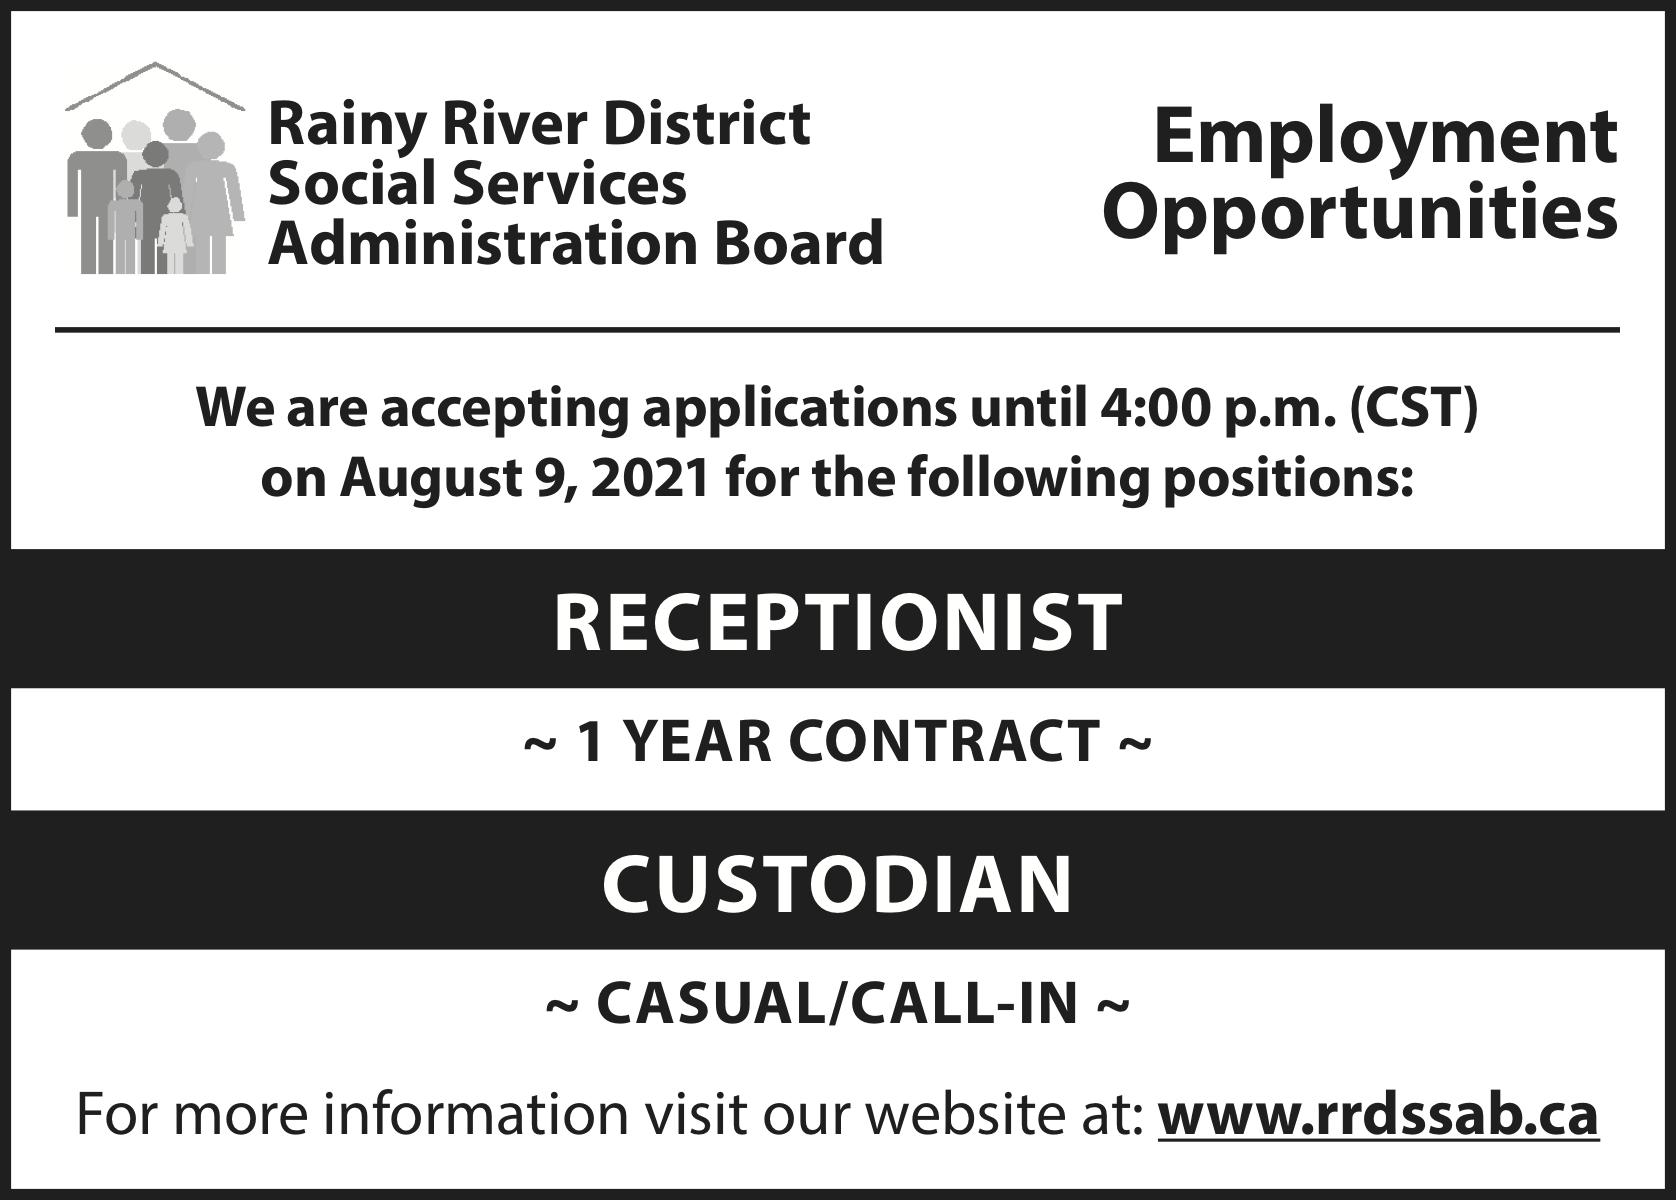 RRDSSAB Employment Opportunities